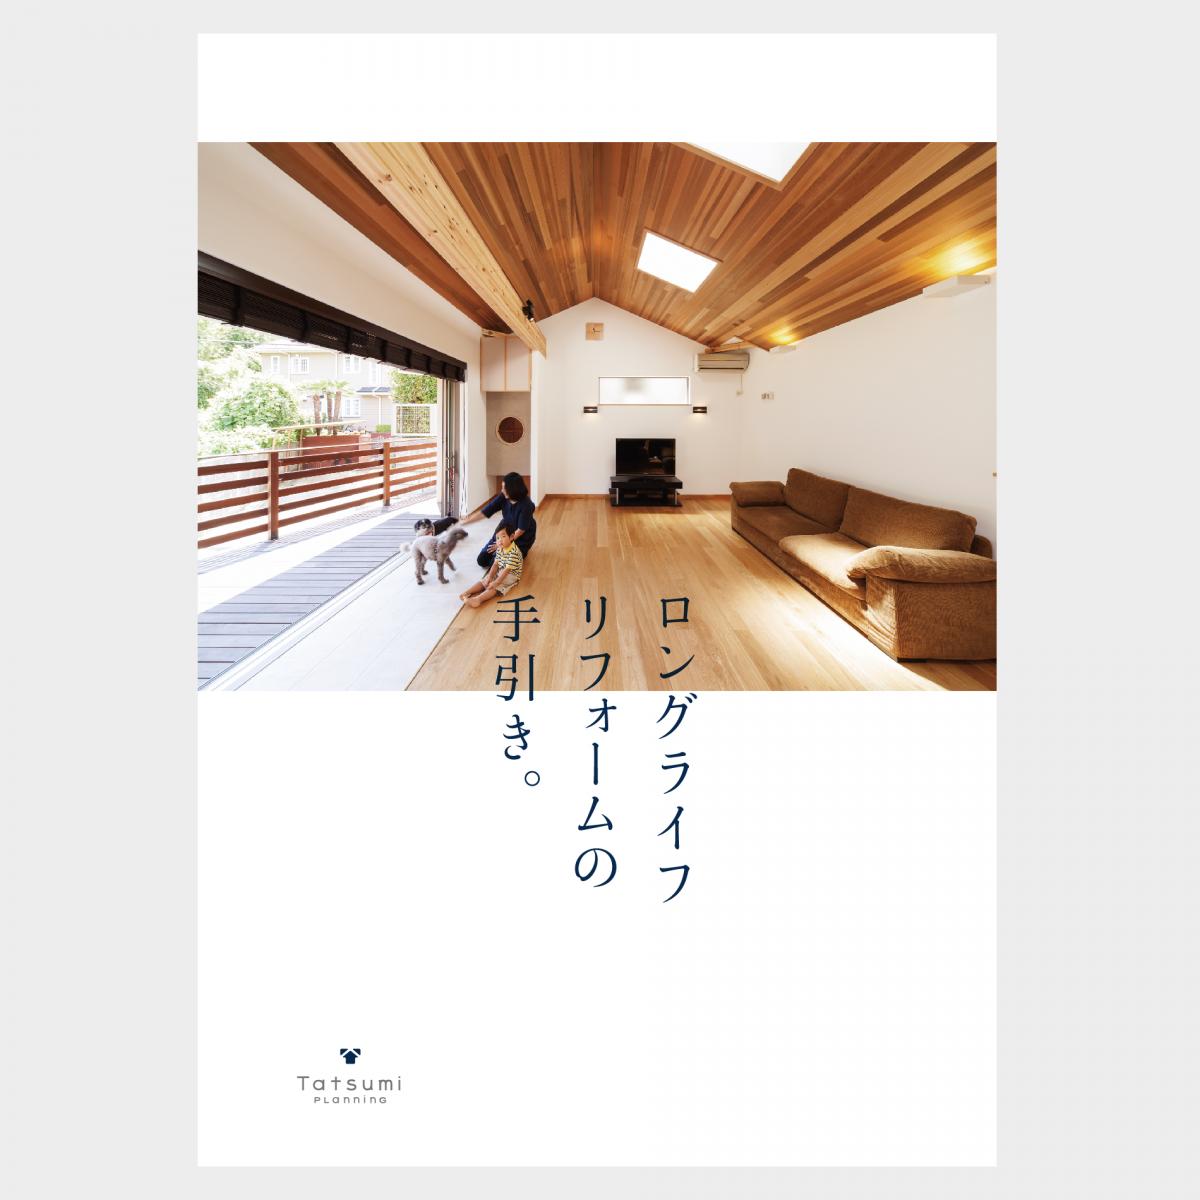 Tatsumi Planning|ロングライフリフォームの手引き|パンフレット グラフィックデザイン|横浜市